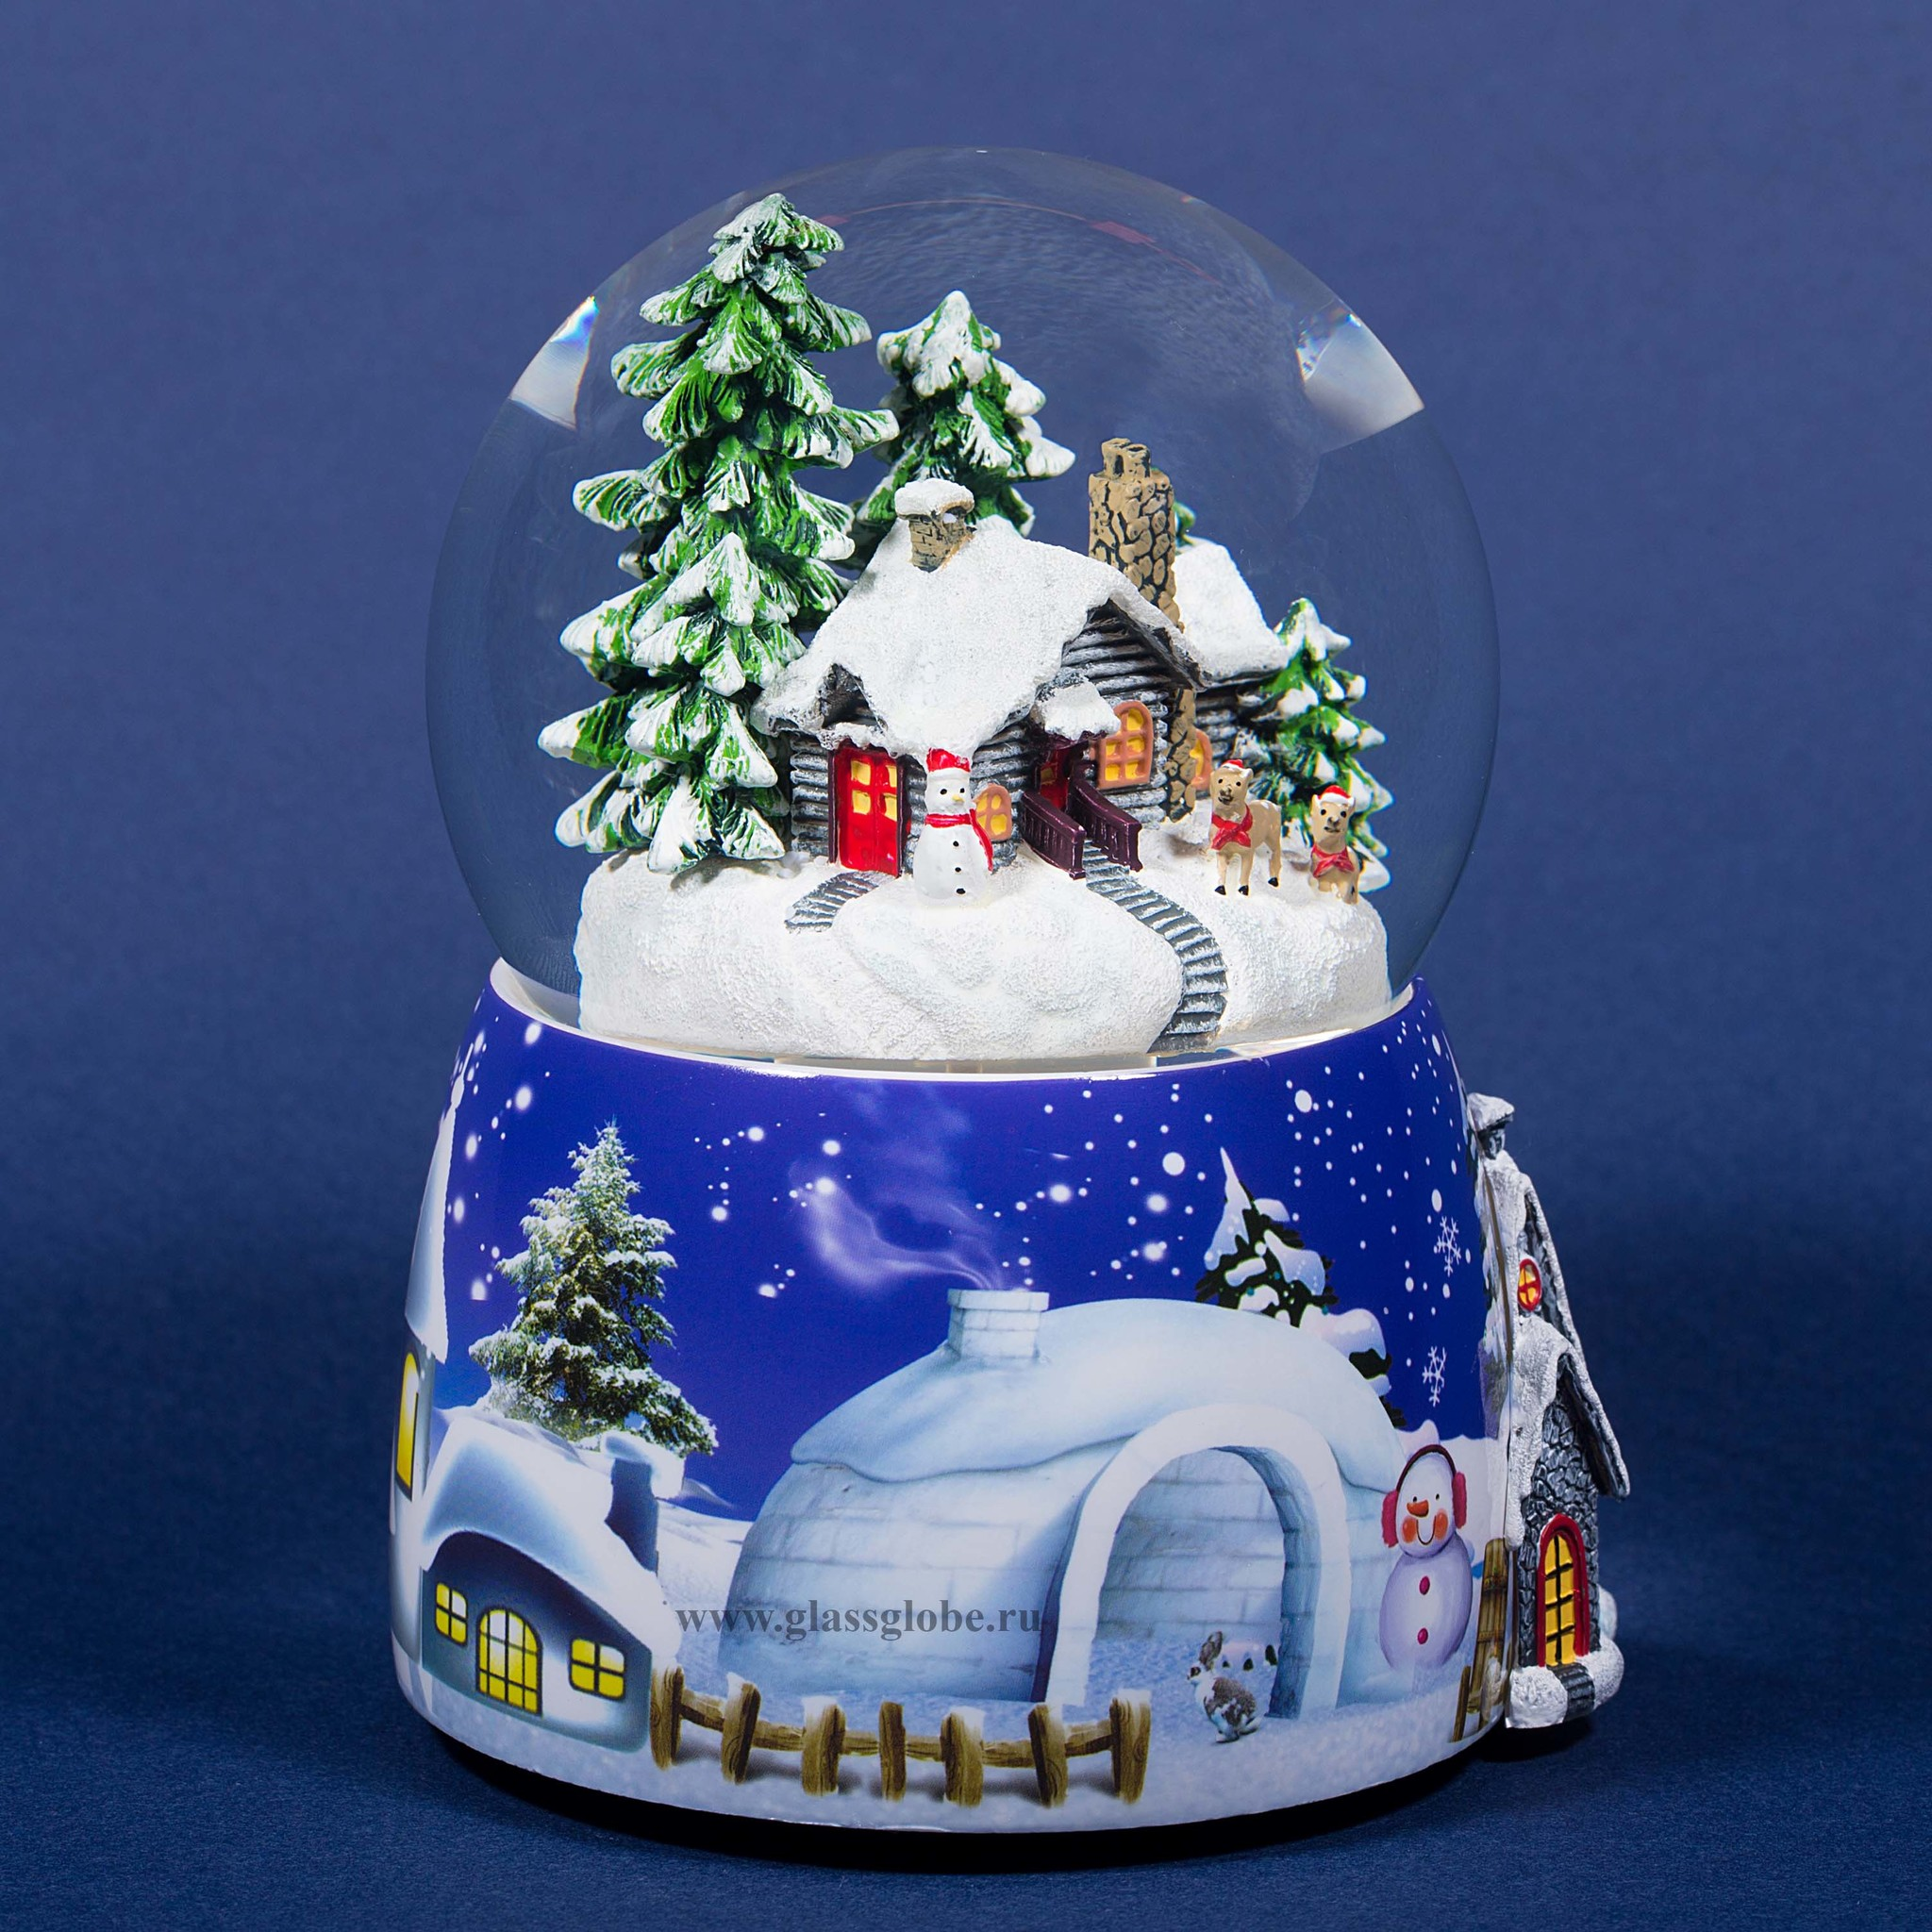 природе стеклянный шар со снегом купить в спб Миллера трактует его